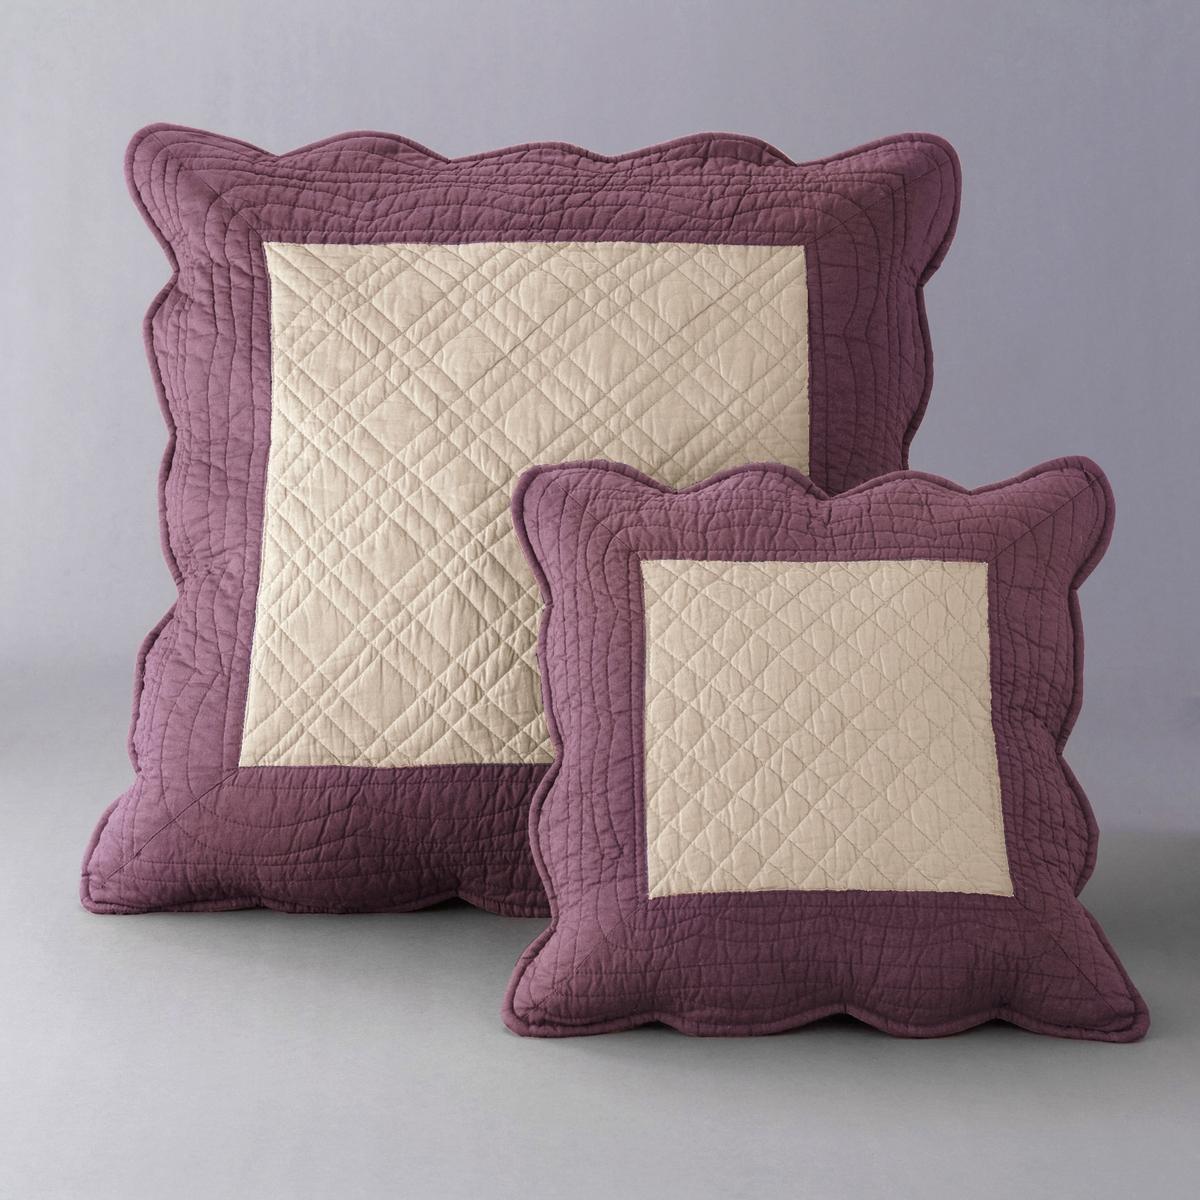 Чехол для подушки стеганый двухцветный, 100% хлопка